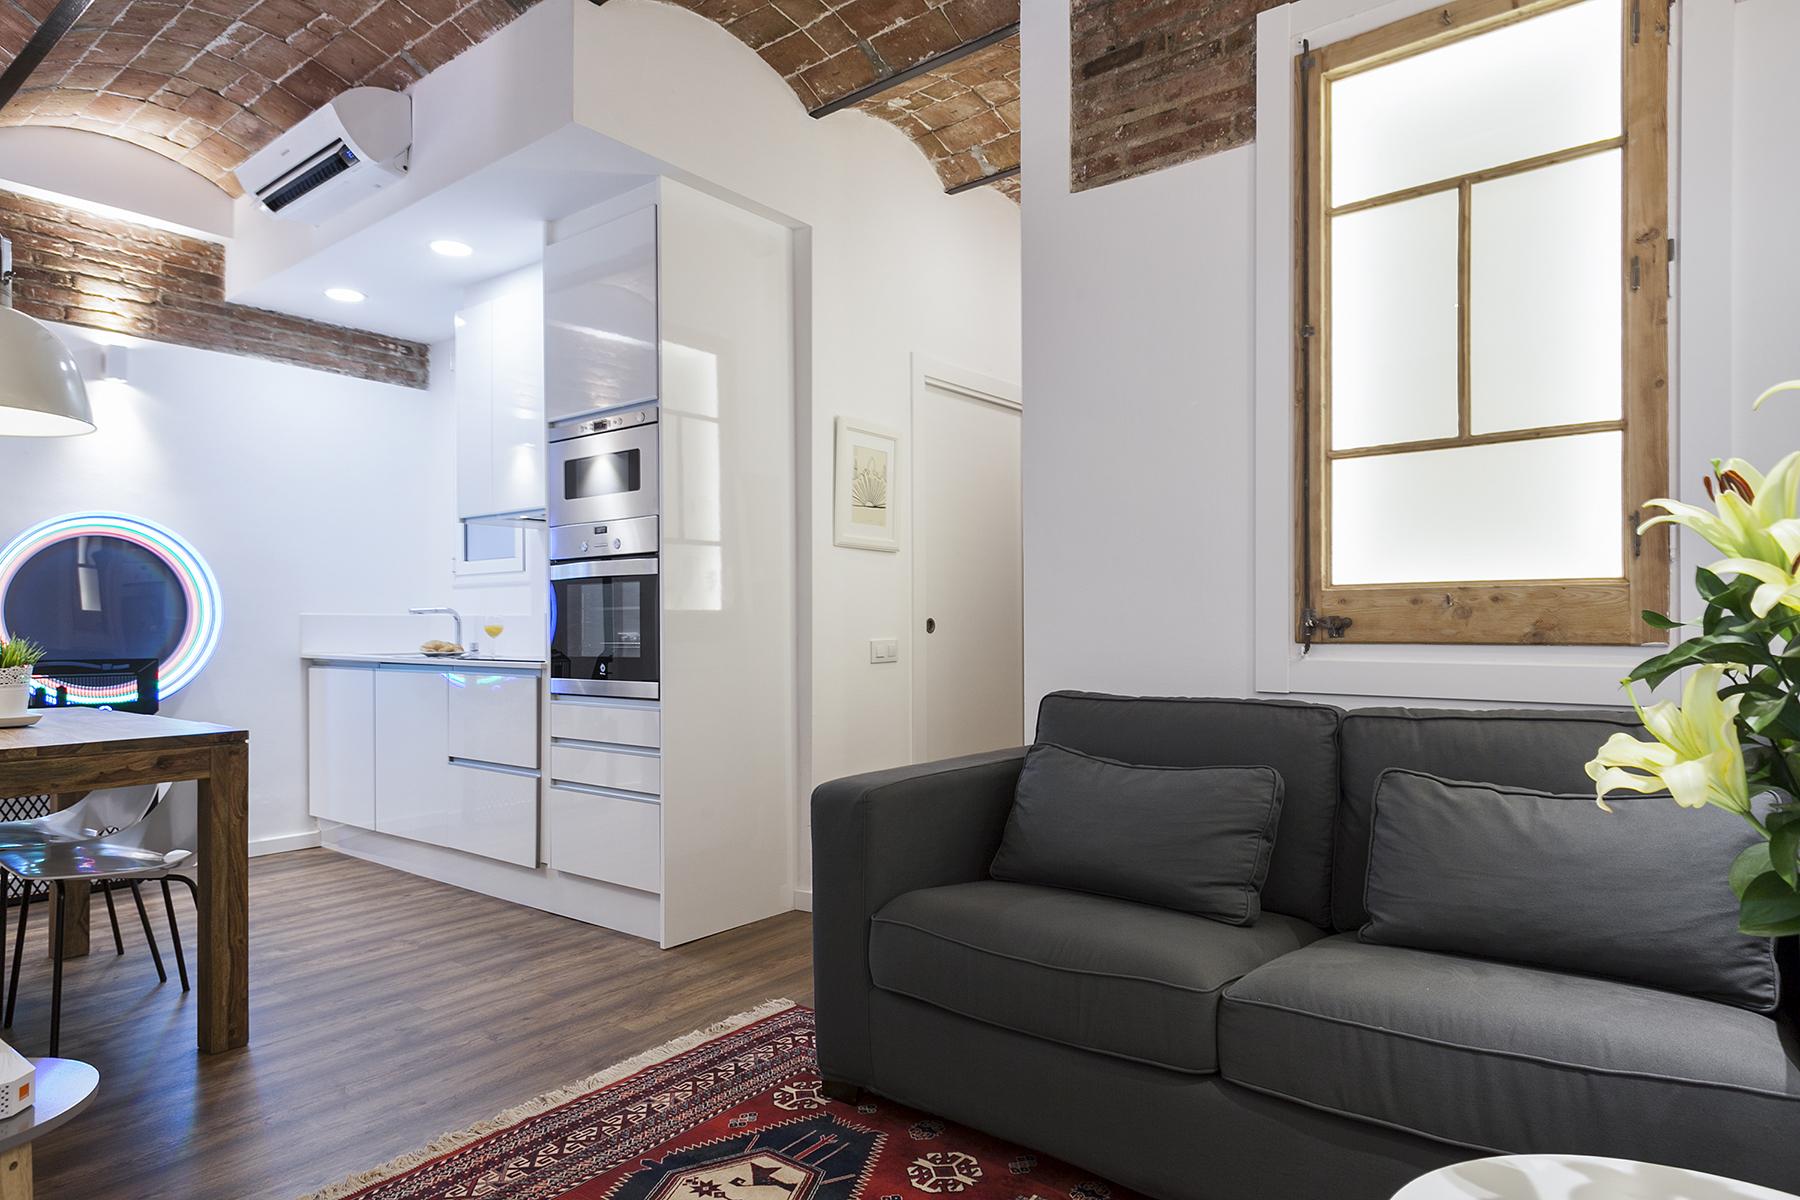 Alquiler de apartamentos cerca Fira Barcelona